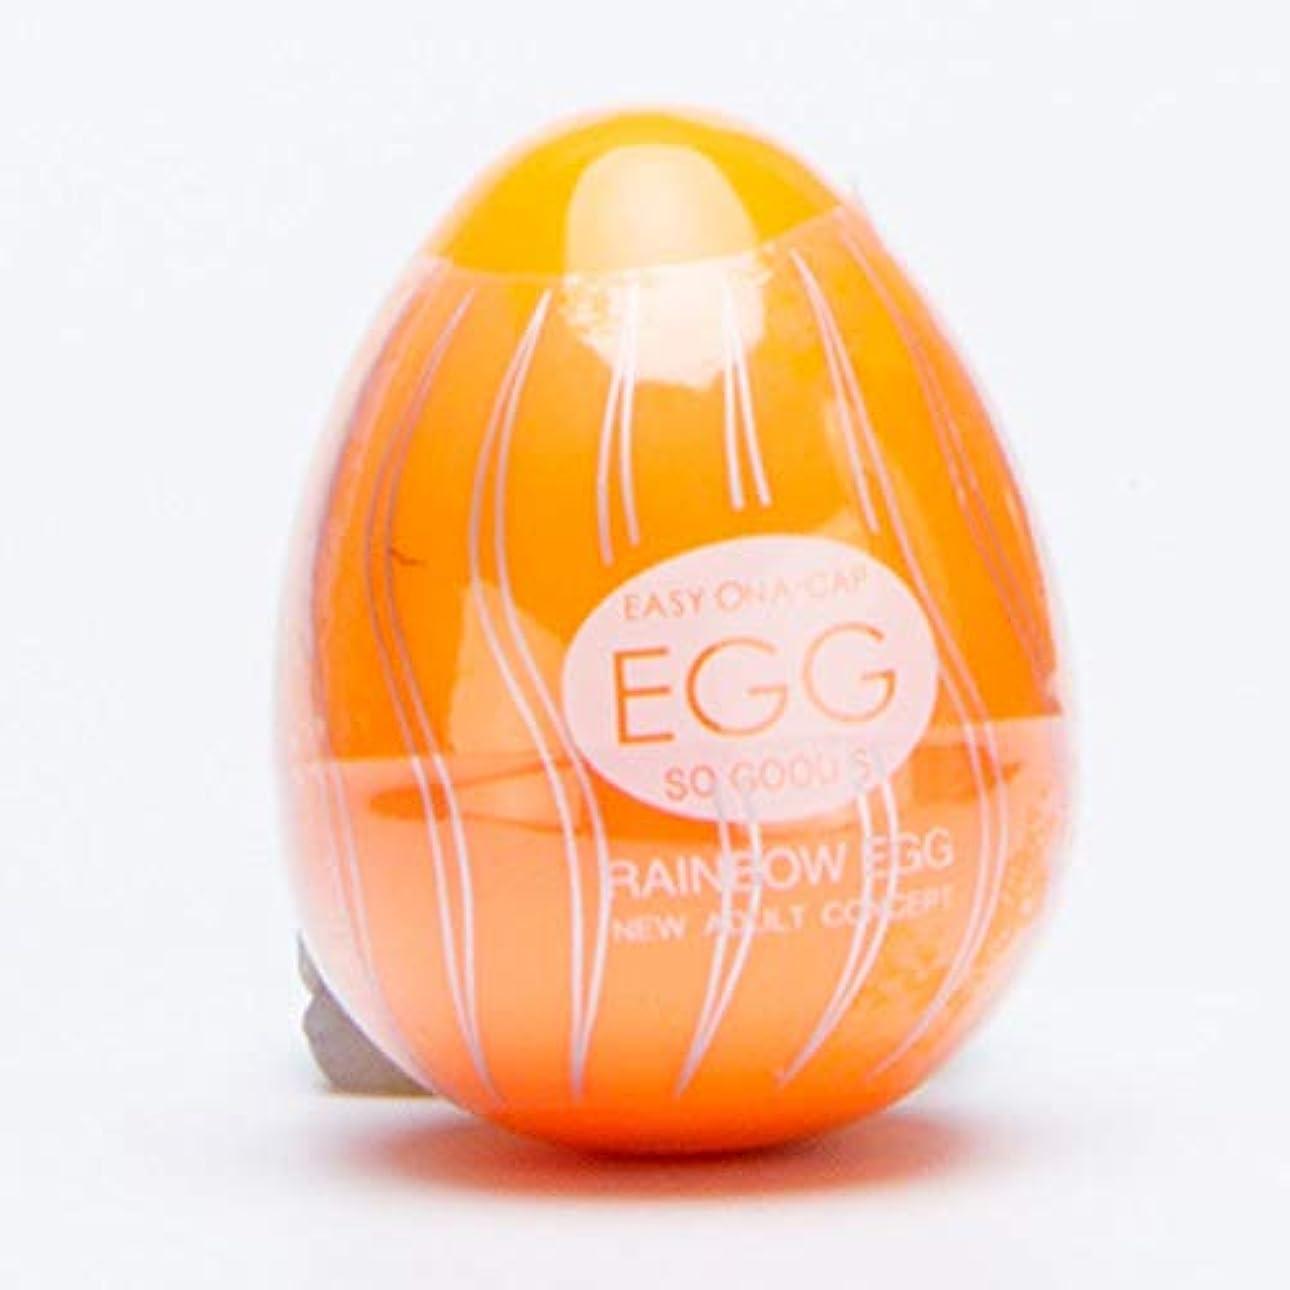 マウントバンクケーブルカー首謀者Rabugoo 大人のおもちゃ 男性の性のおもちゃの陰茎のマッサージャーの喜びのセックスレインボーエッグ オレンジ